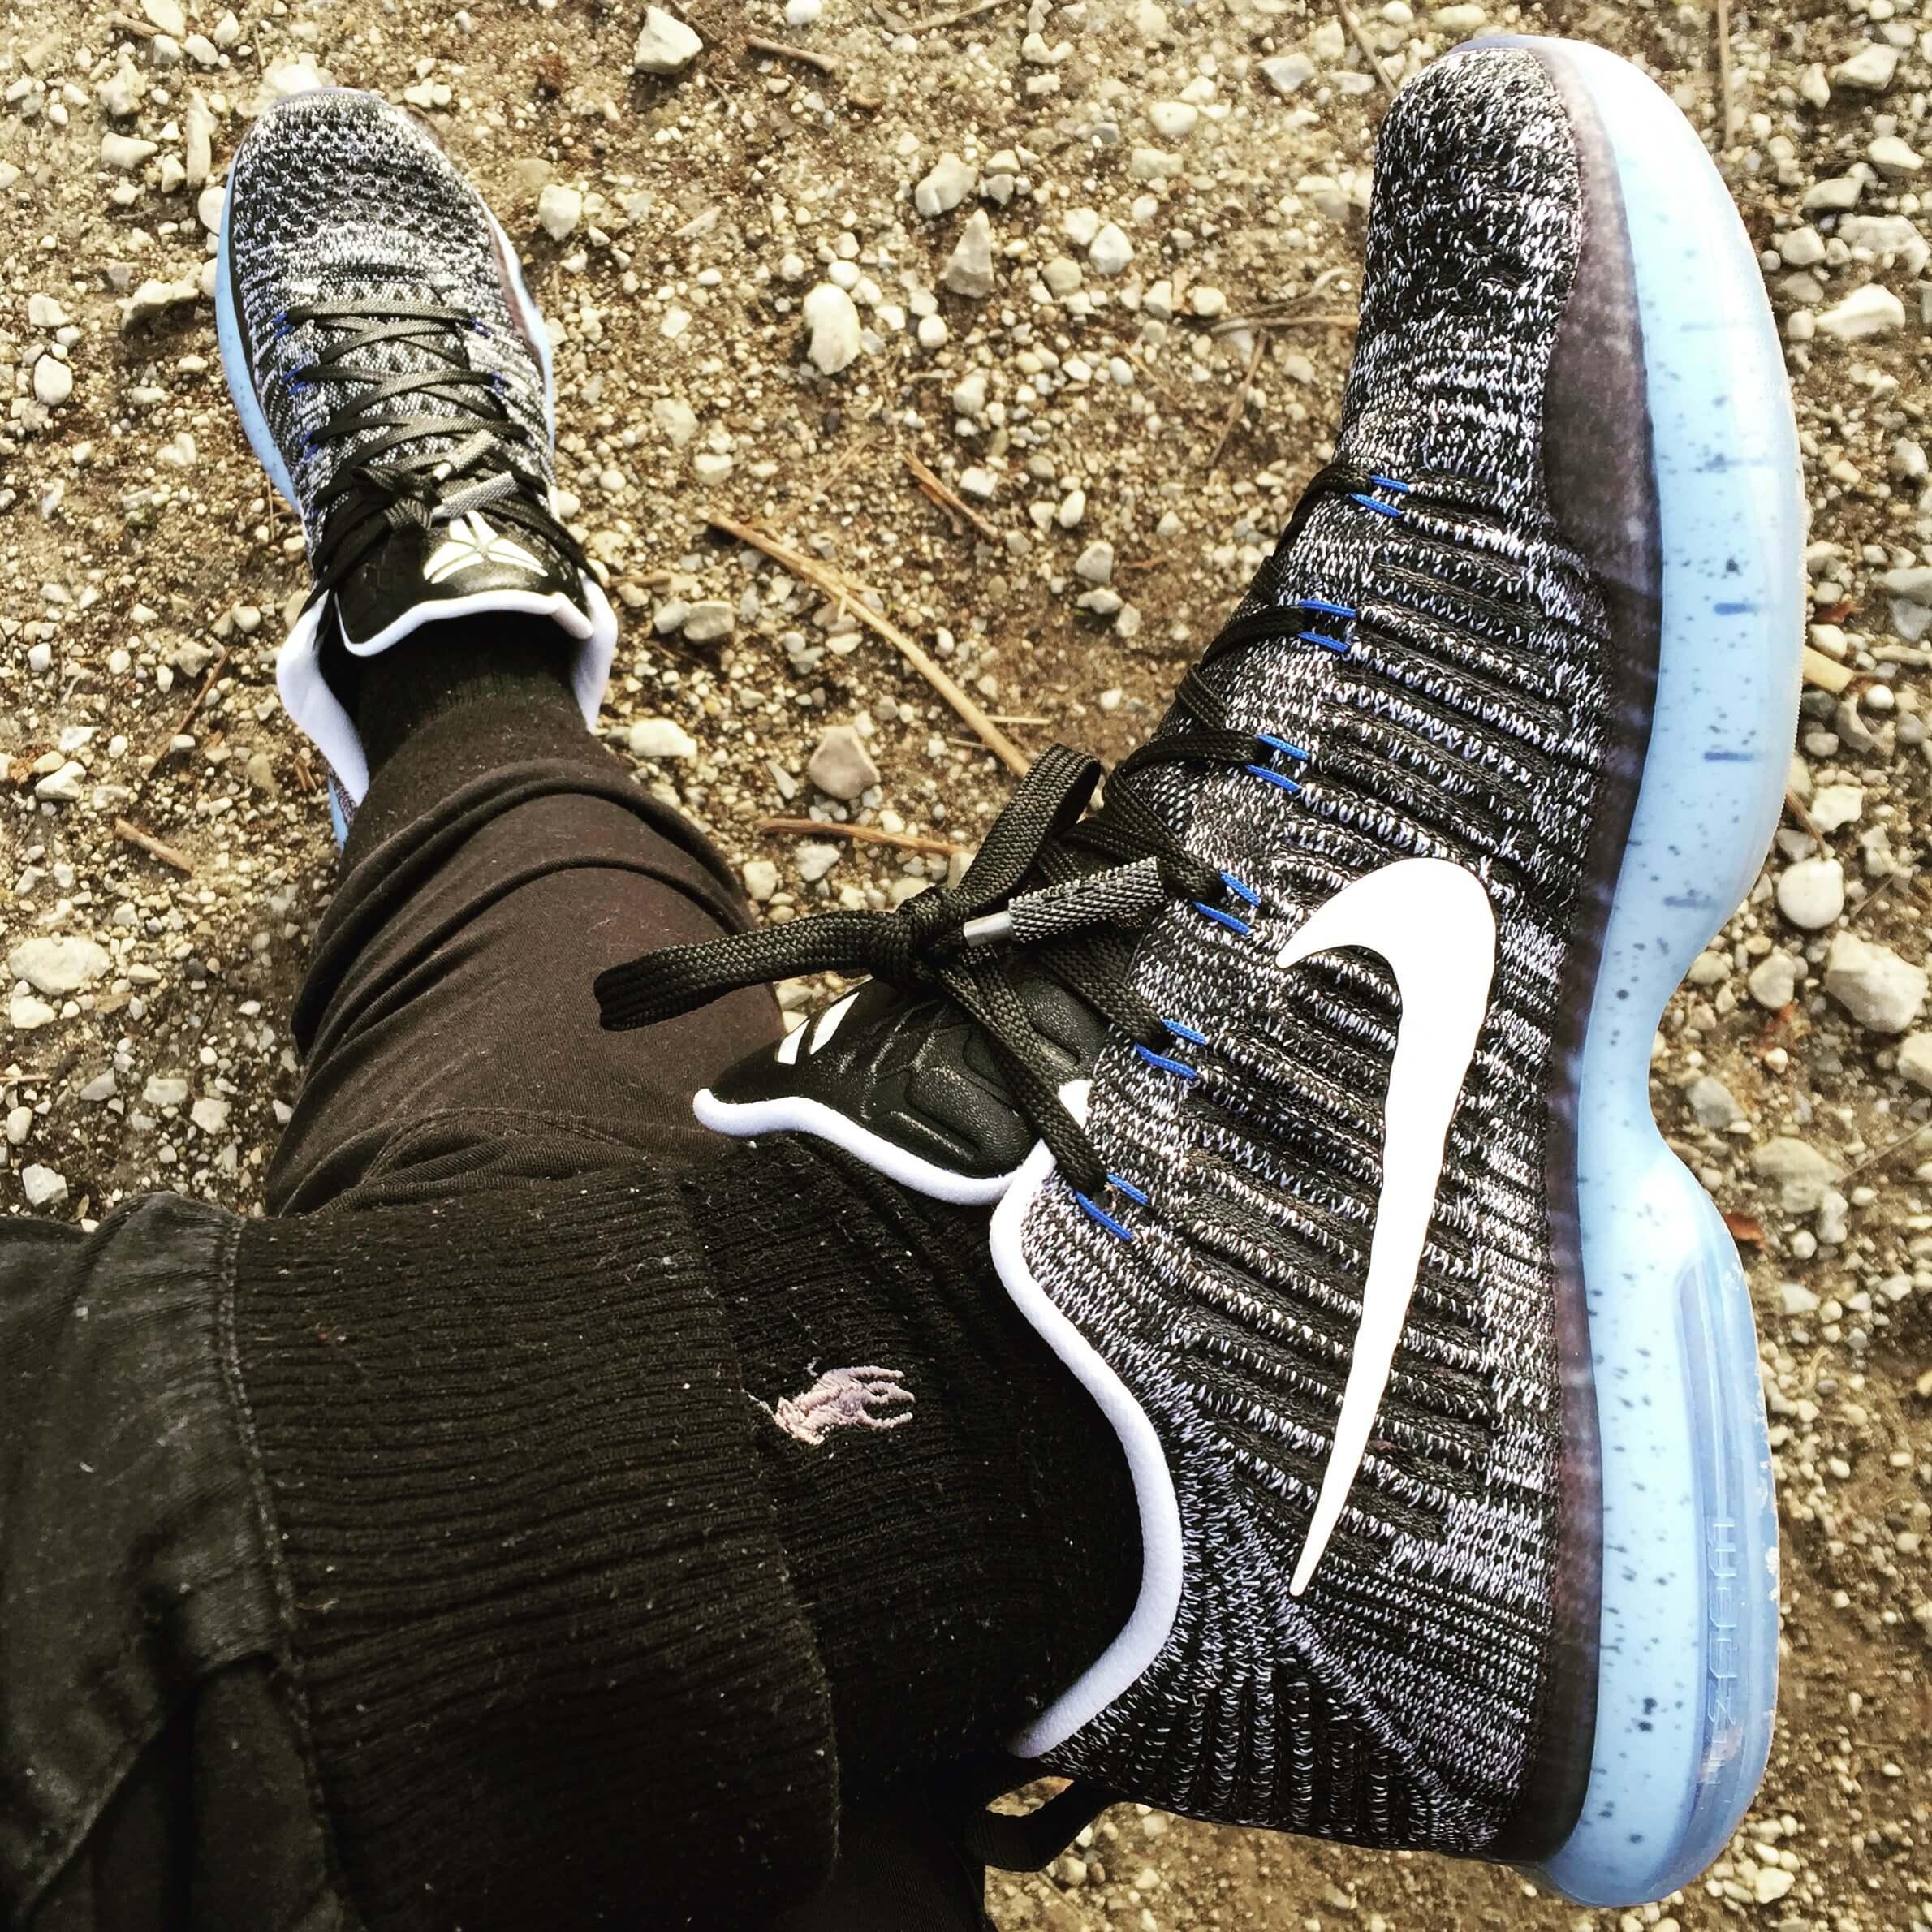 Nike-Kobe-X-Elite-Low-HTM-Top-View-Benstah-Onfeet